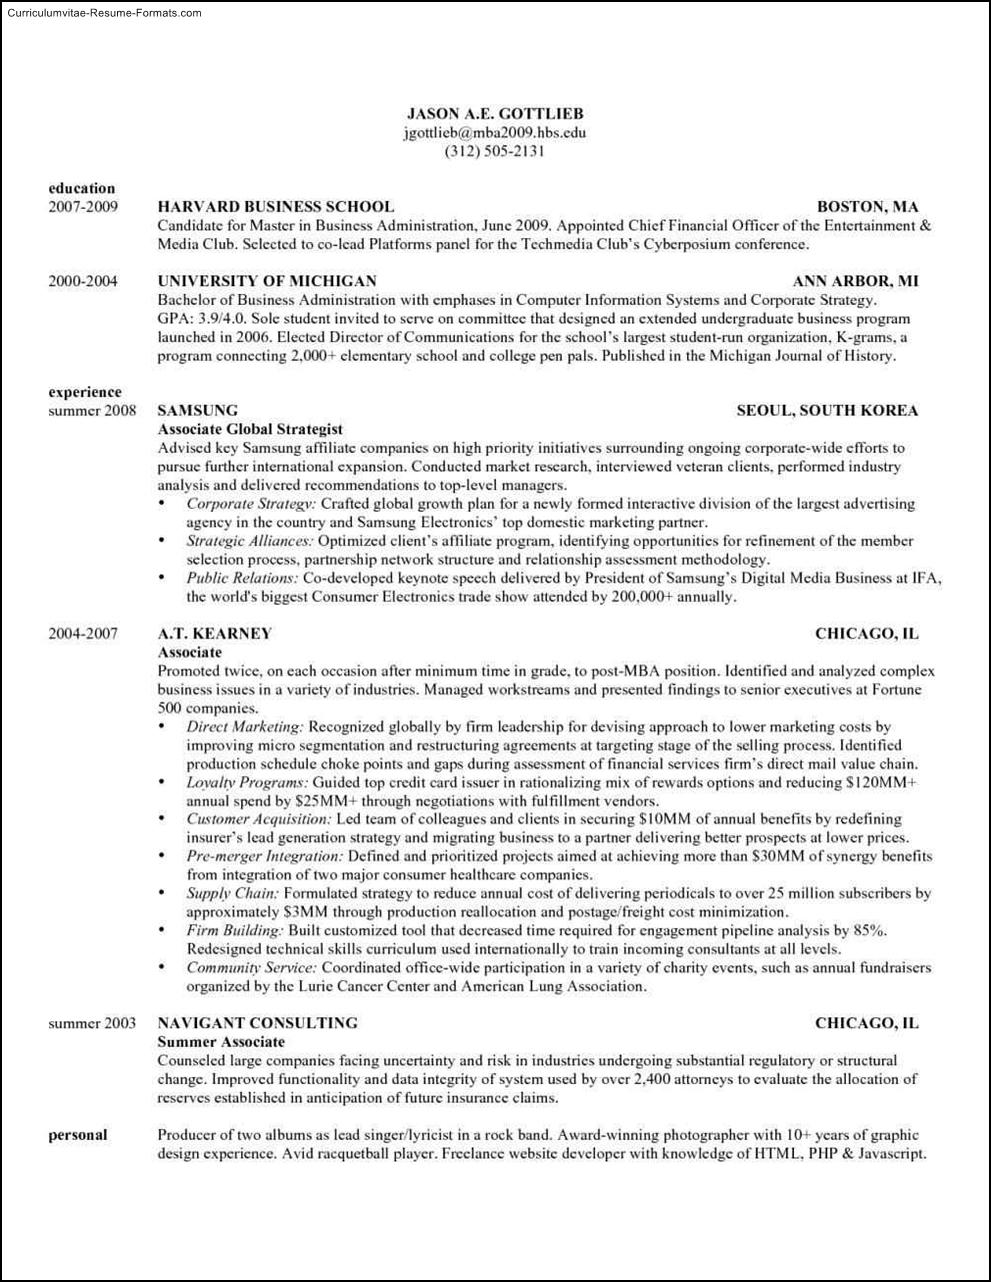 harvard format resume template